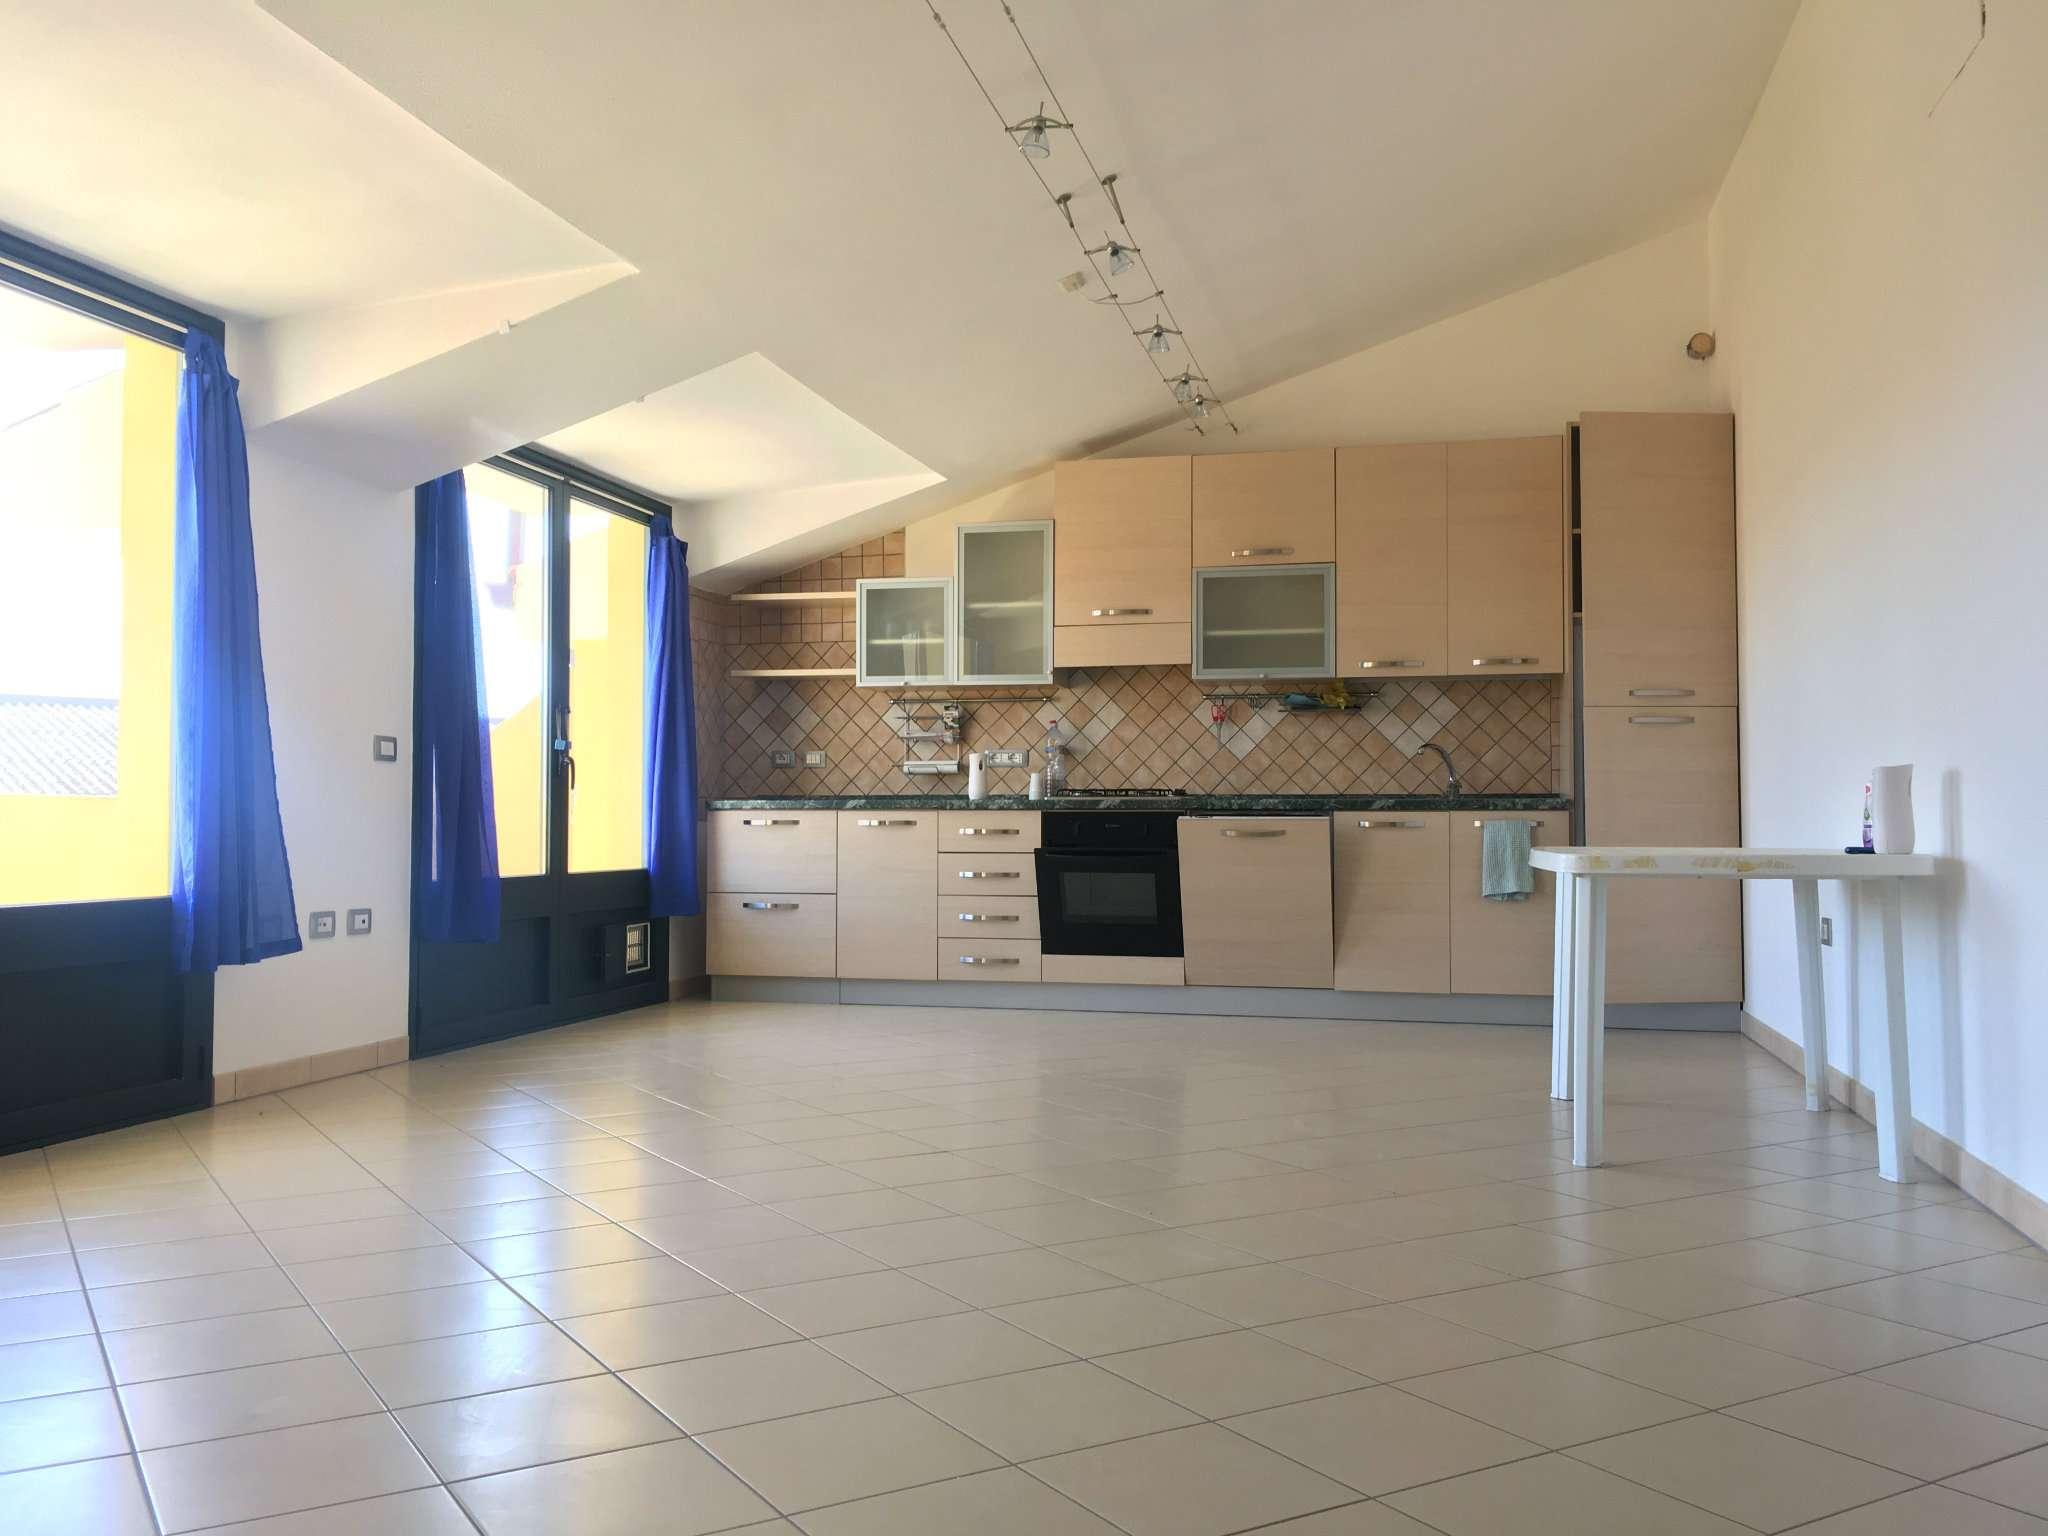 Appartamento in vendita a Senorbì, 3 locali, prezzo € 85.000 | CambioCasa.it